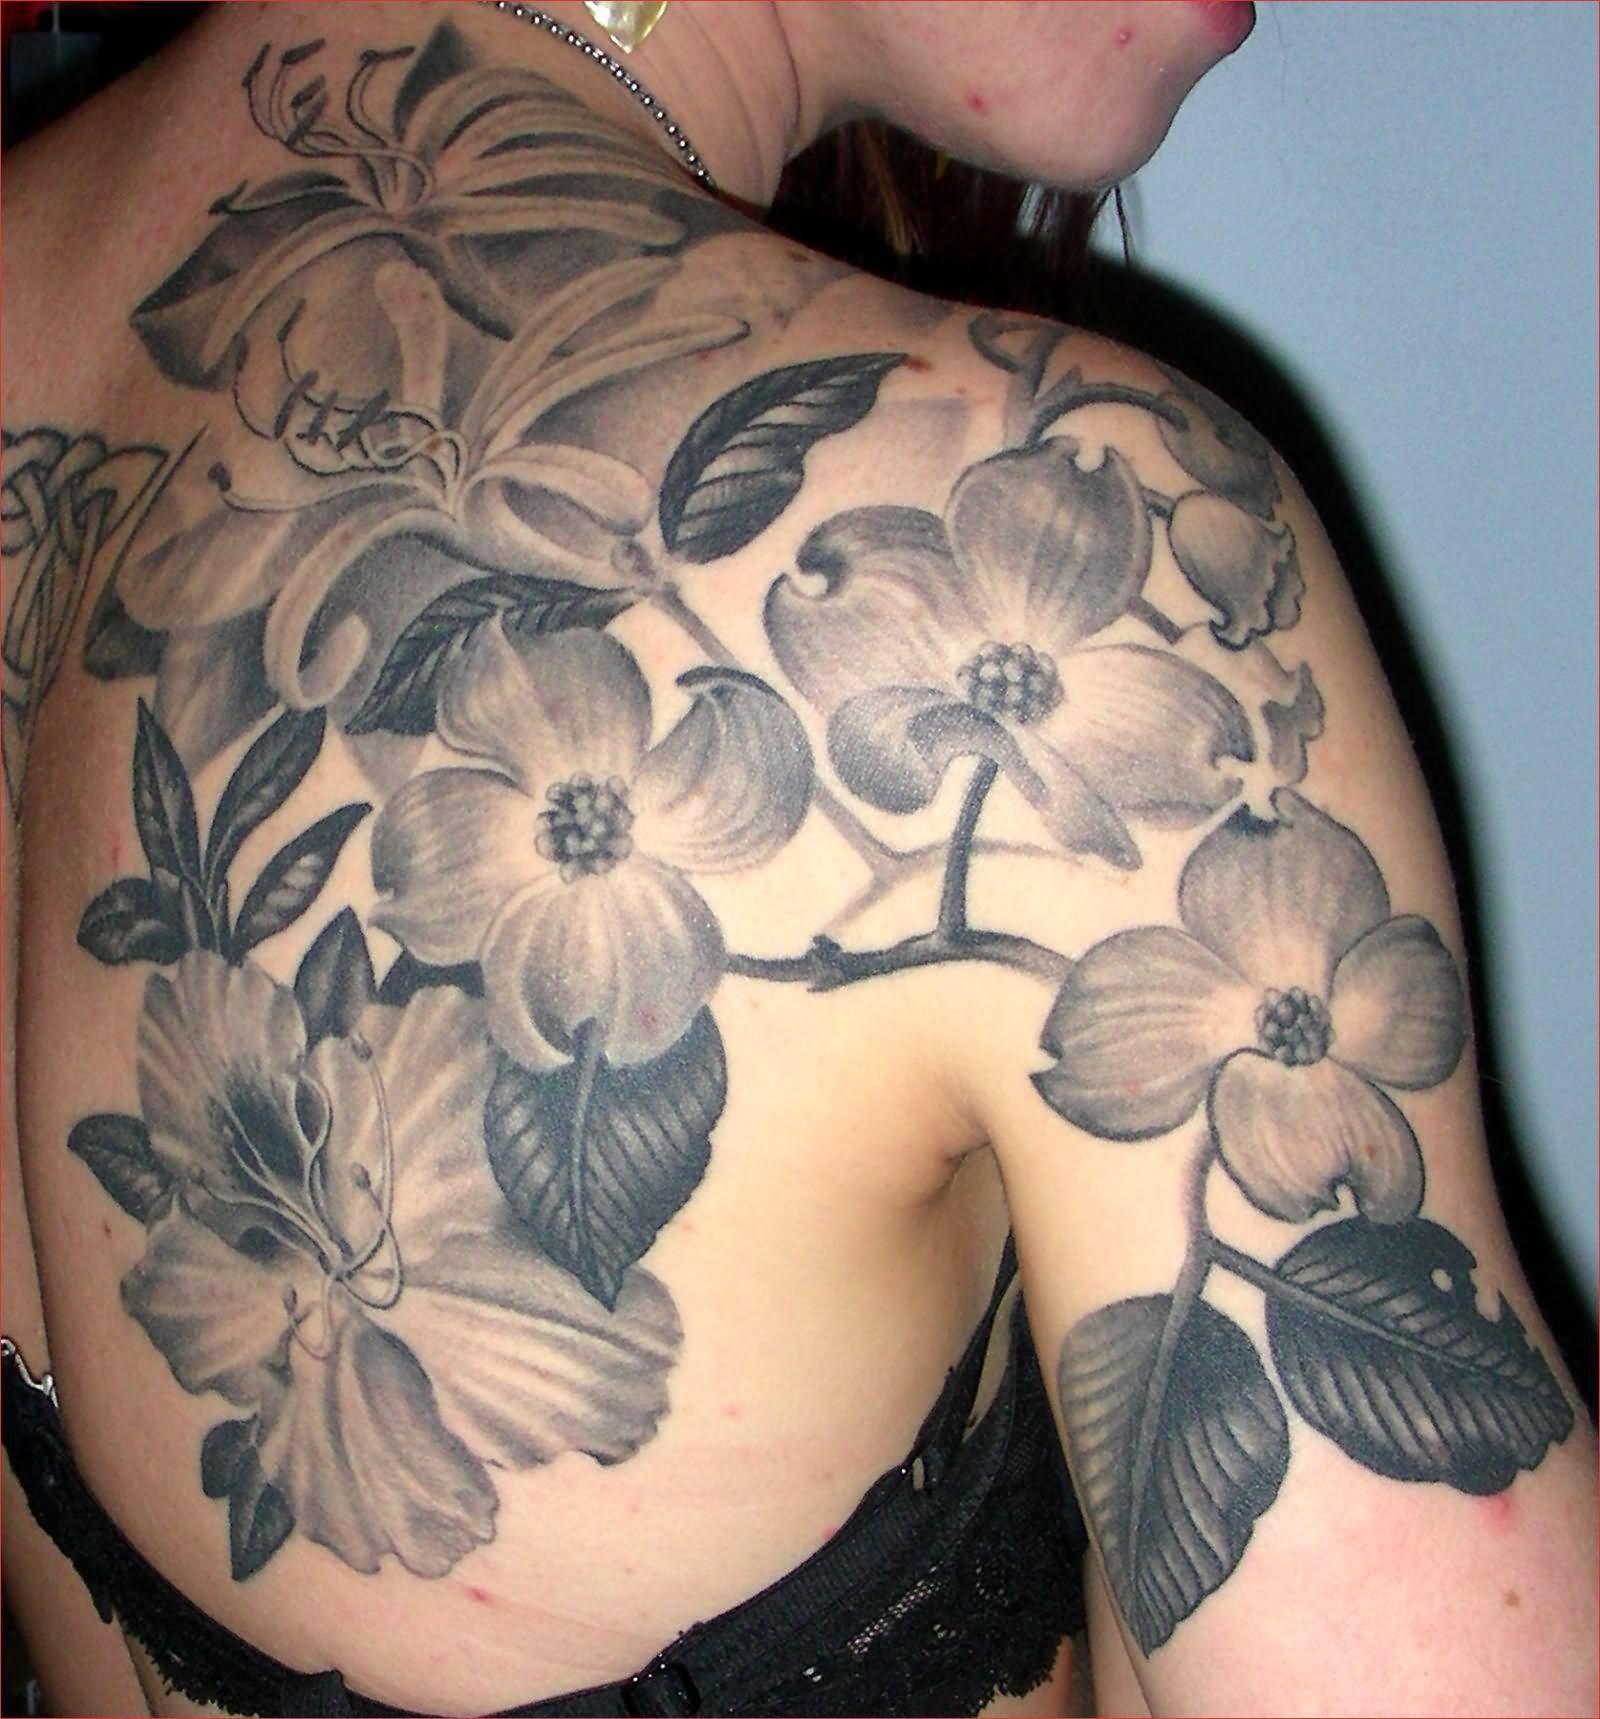 Hawaiian flower back tattoos best of hawaiian flower back tattoos hawaiian flower back tattoos best of hawaiian flower back tattoos flower tattoos and their meaning lotus flower tattoos hawaiiantattoosflower izmirmasajfo